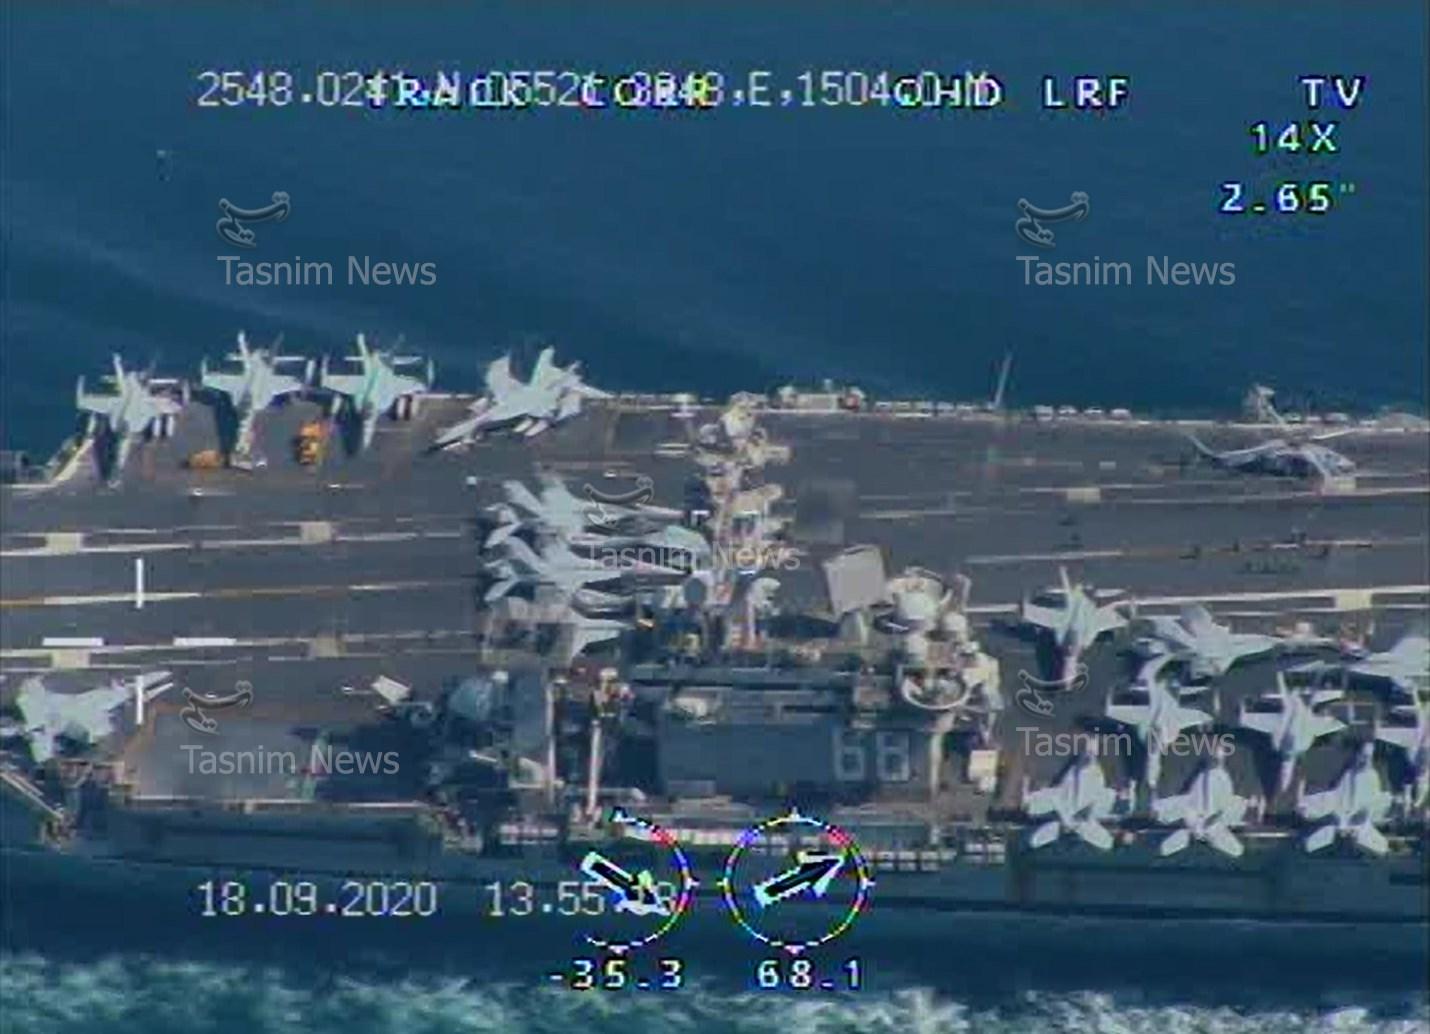 画面高清!伊朗用国产无人机拍下美军航母(图) 第5张